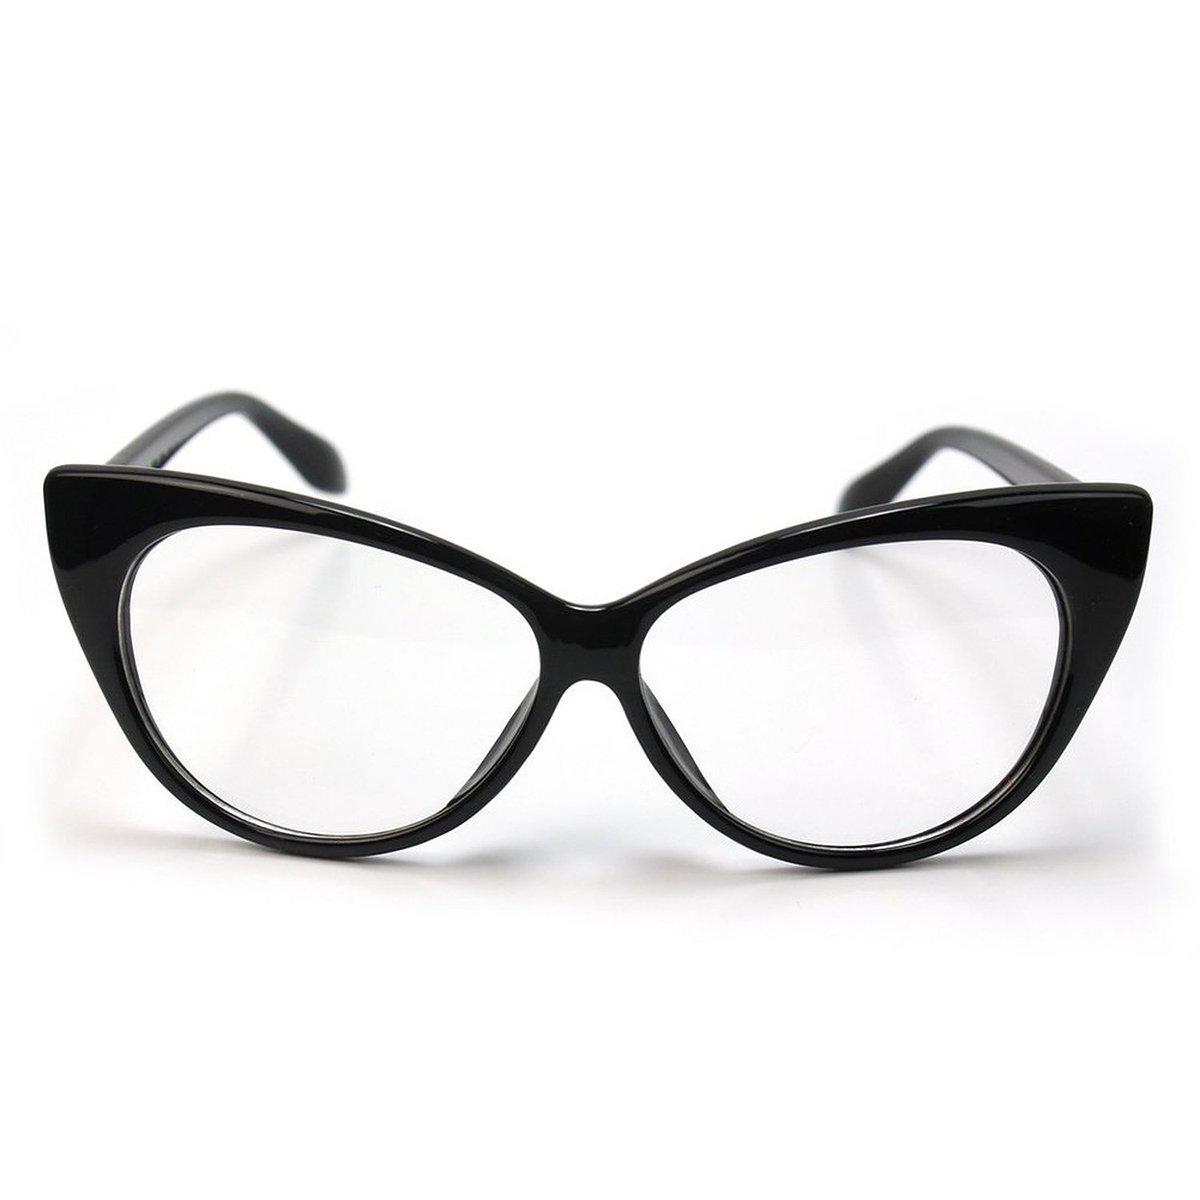 3dd0bff4f7 Get Quotations · Tinksky Cat Eye Glasses Woman Fashion Clear Lens Eyewear  (Black)